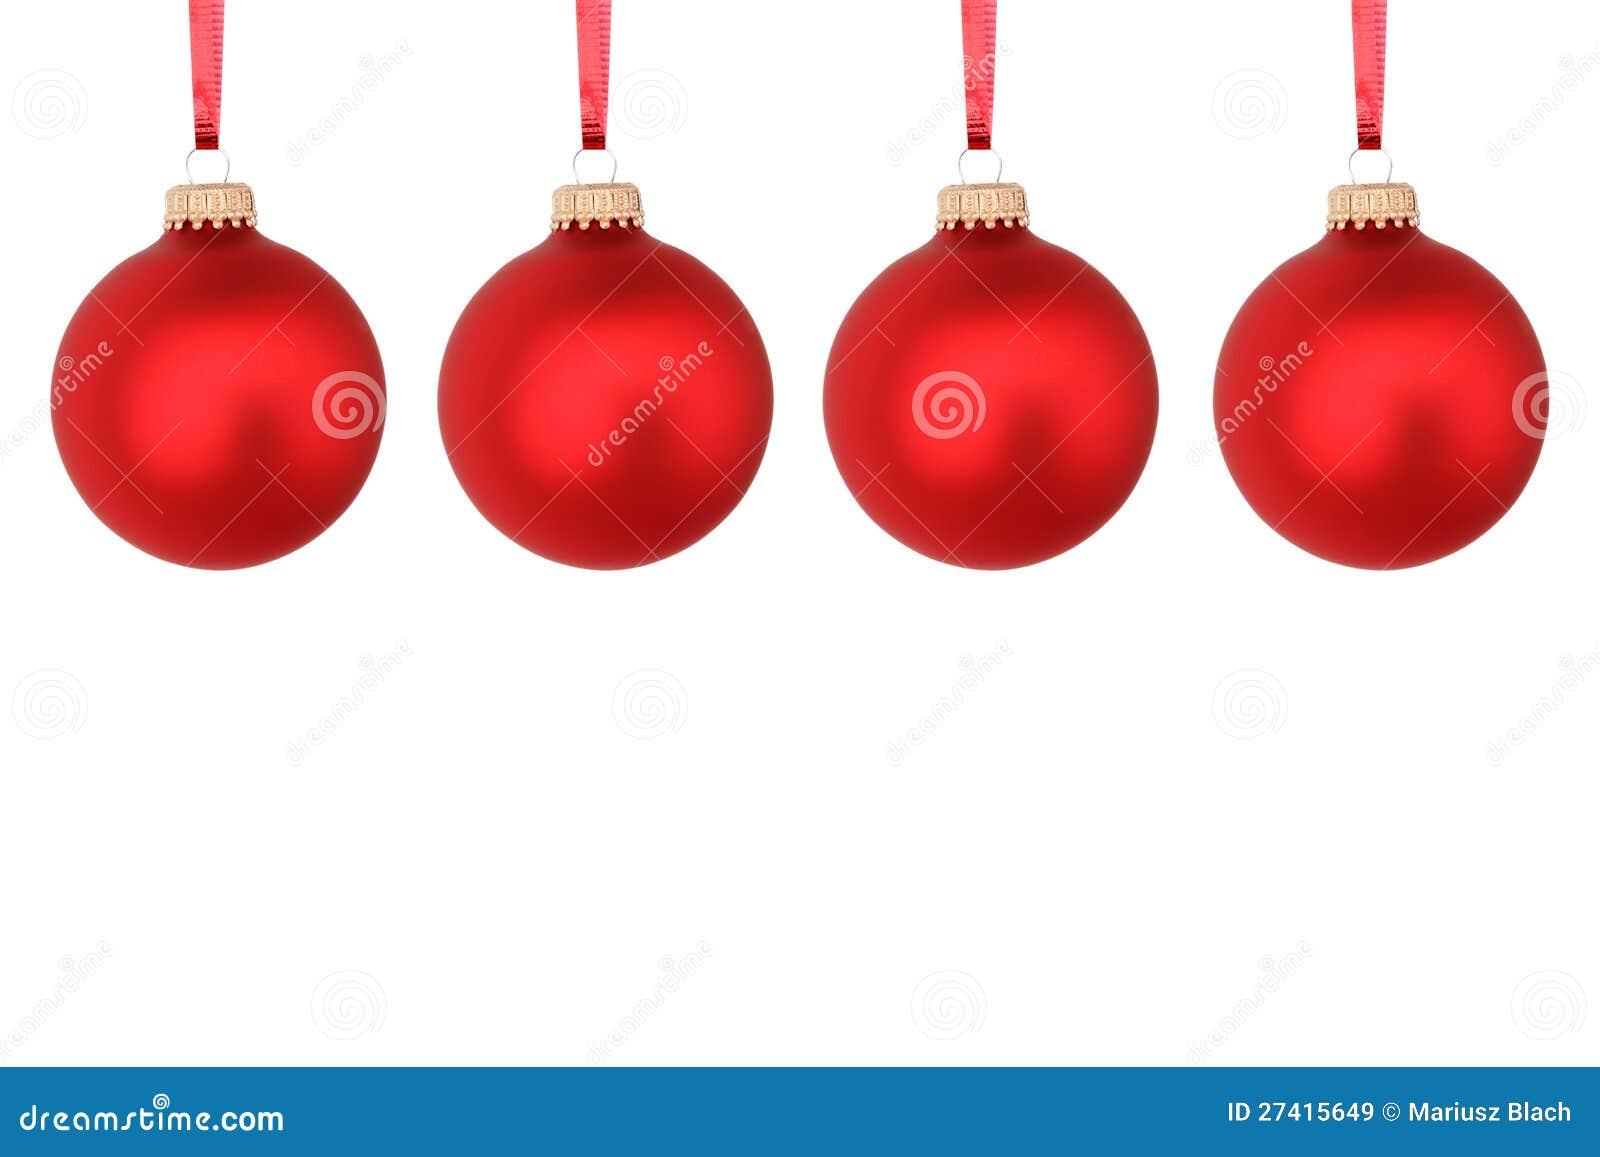 rote weihnachtskugeln stockbild bild von glas farbe 27415649. Black Bedroom Furniture Sets. Home Design Ideas